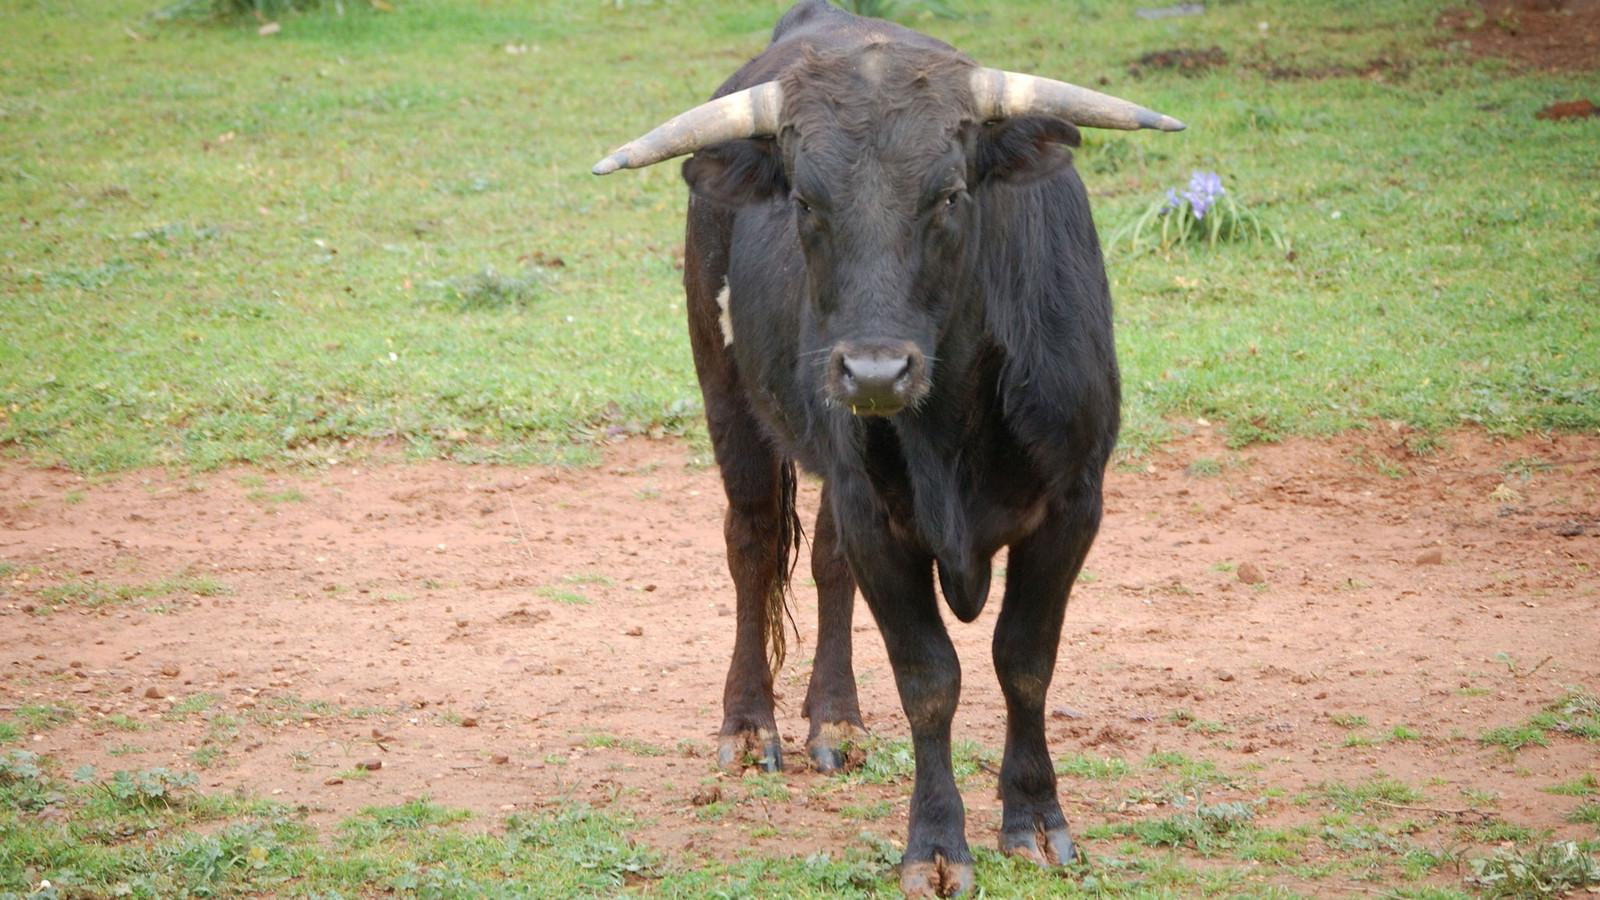 Een stier, dit dier is niet van de betreffende boer.